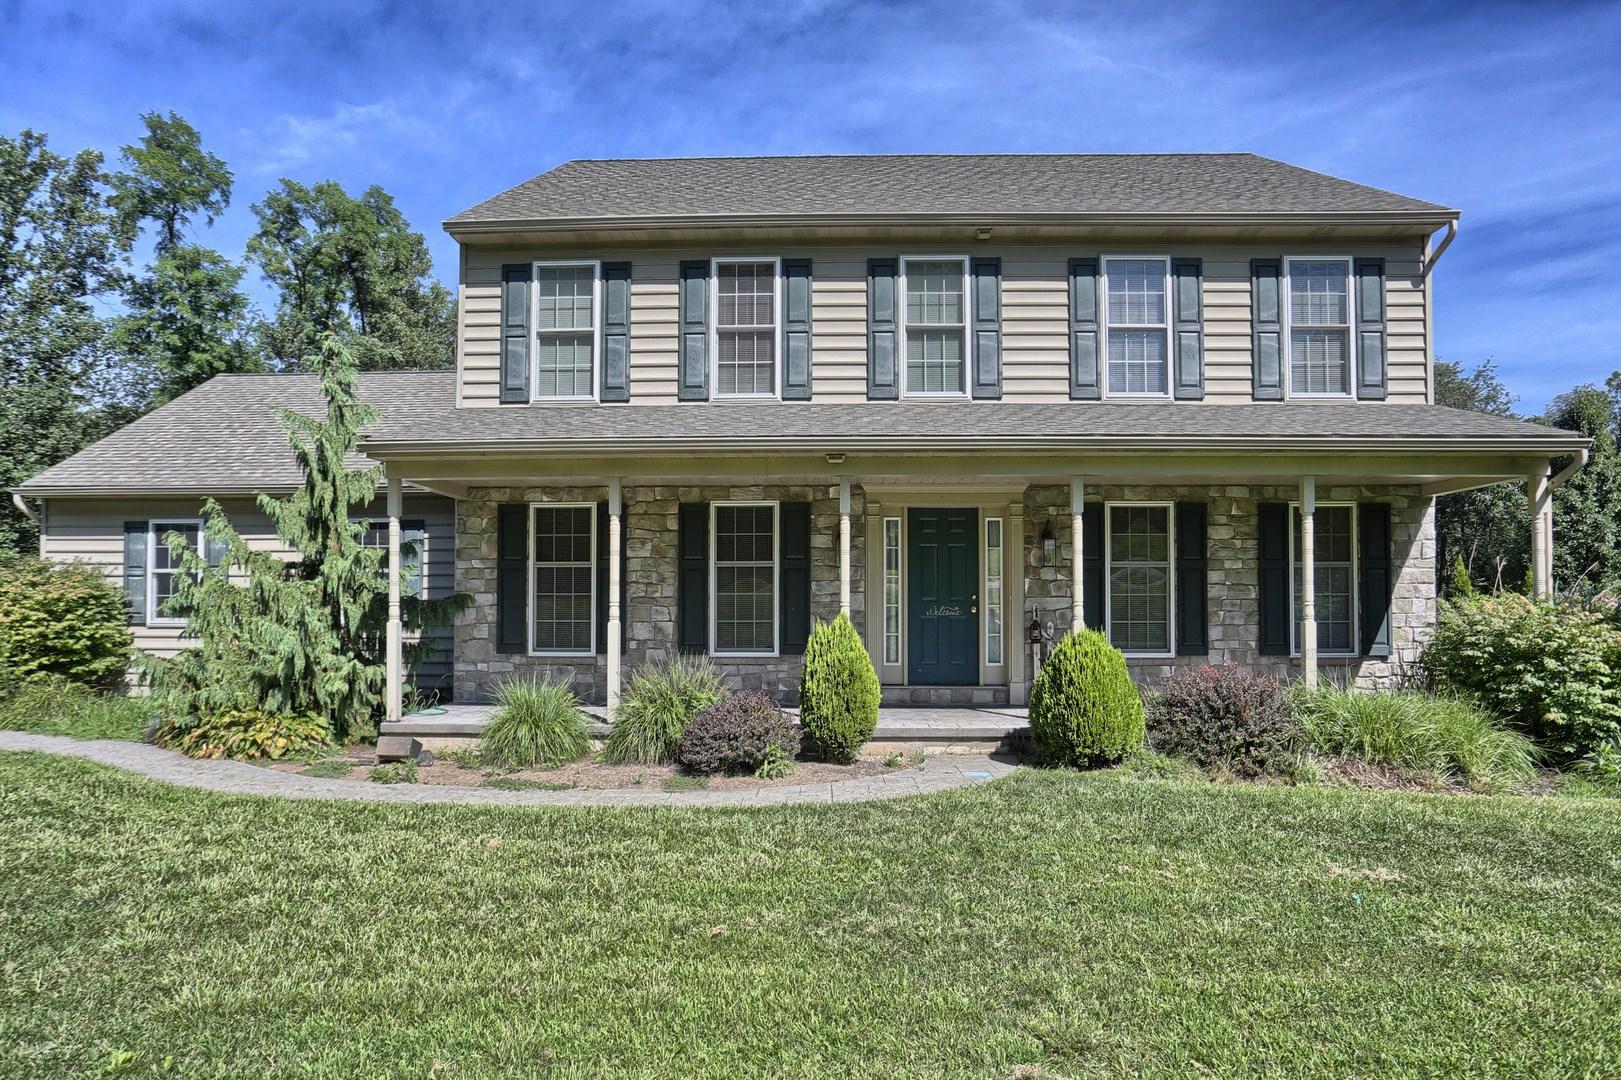 Casa Unifamiliar por un Venta en 417 Martic Heights Drive Holtwood, Pennsylvania 17532 Estados Unidos